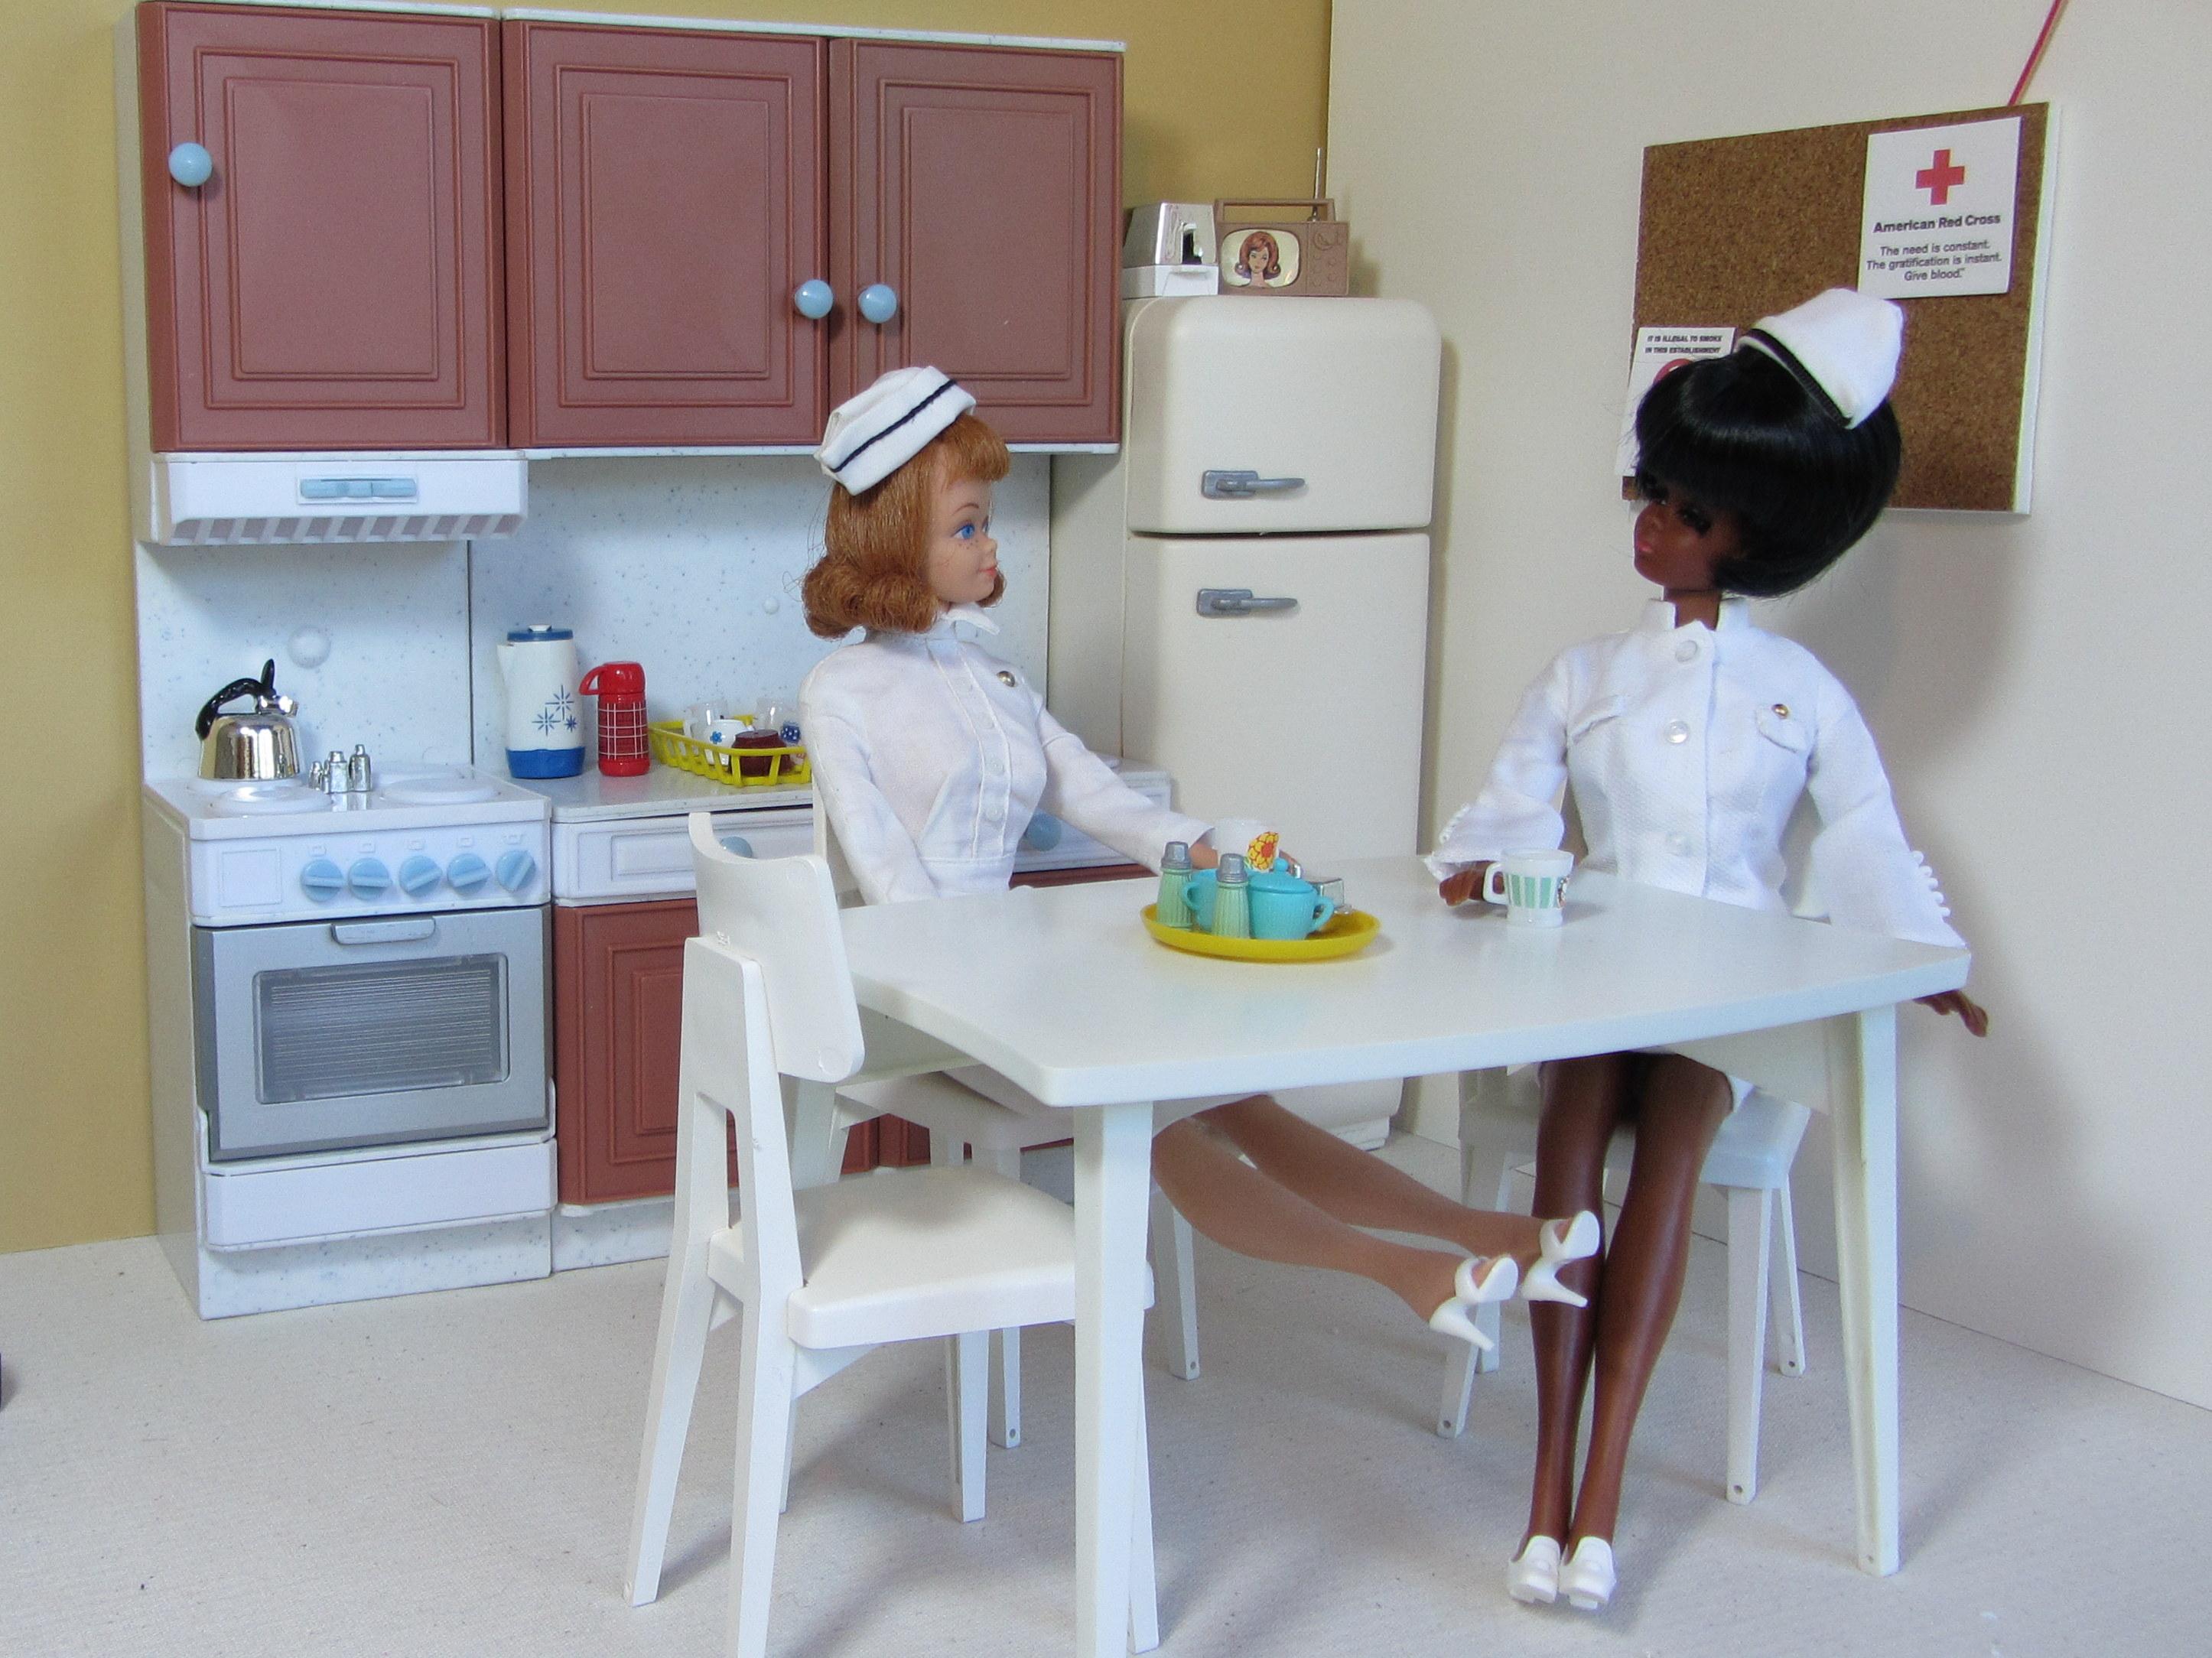 Wallpaper Kamar Meja Memasak Dapur Model Tahun Seragam Julia Rumah Boneka Barbie Kursi Kursi Medis Profesional Mebel 16 Diorama Layanan Teguran Nyamuk Lembaga Perawat Klinik Kesehatan 2892x2168 863411 Hd Wallpapers Wallhere